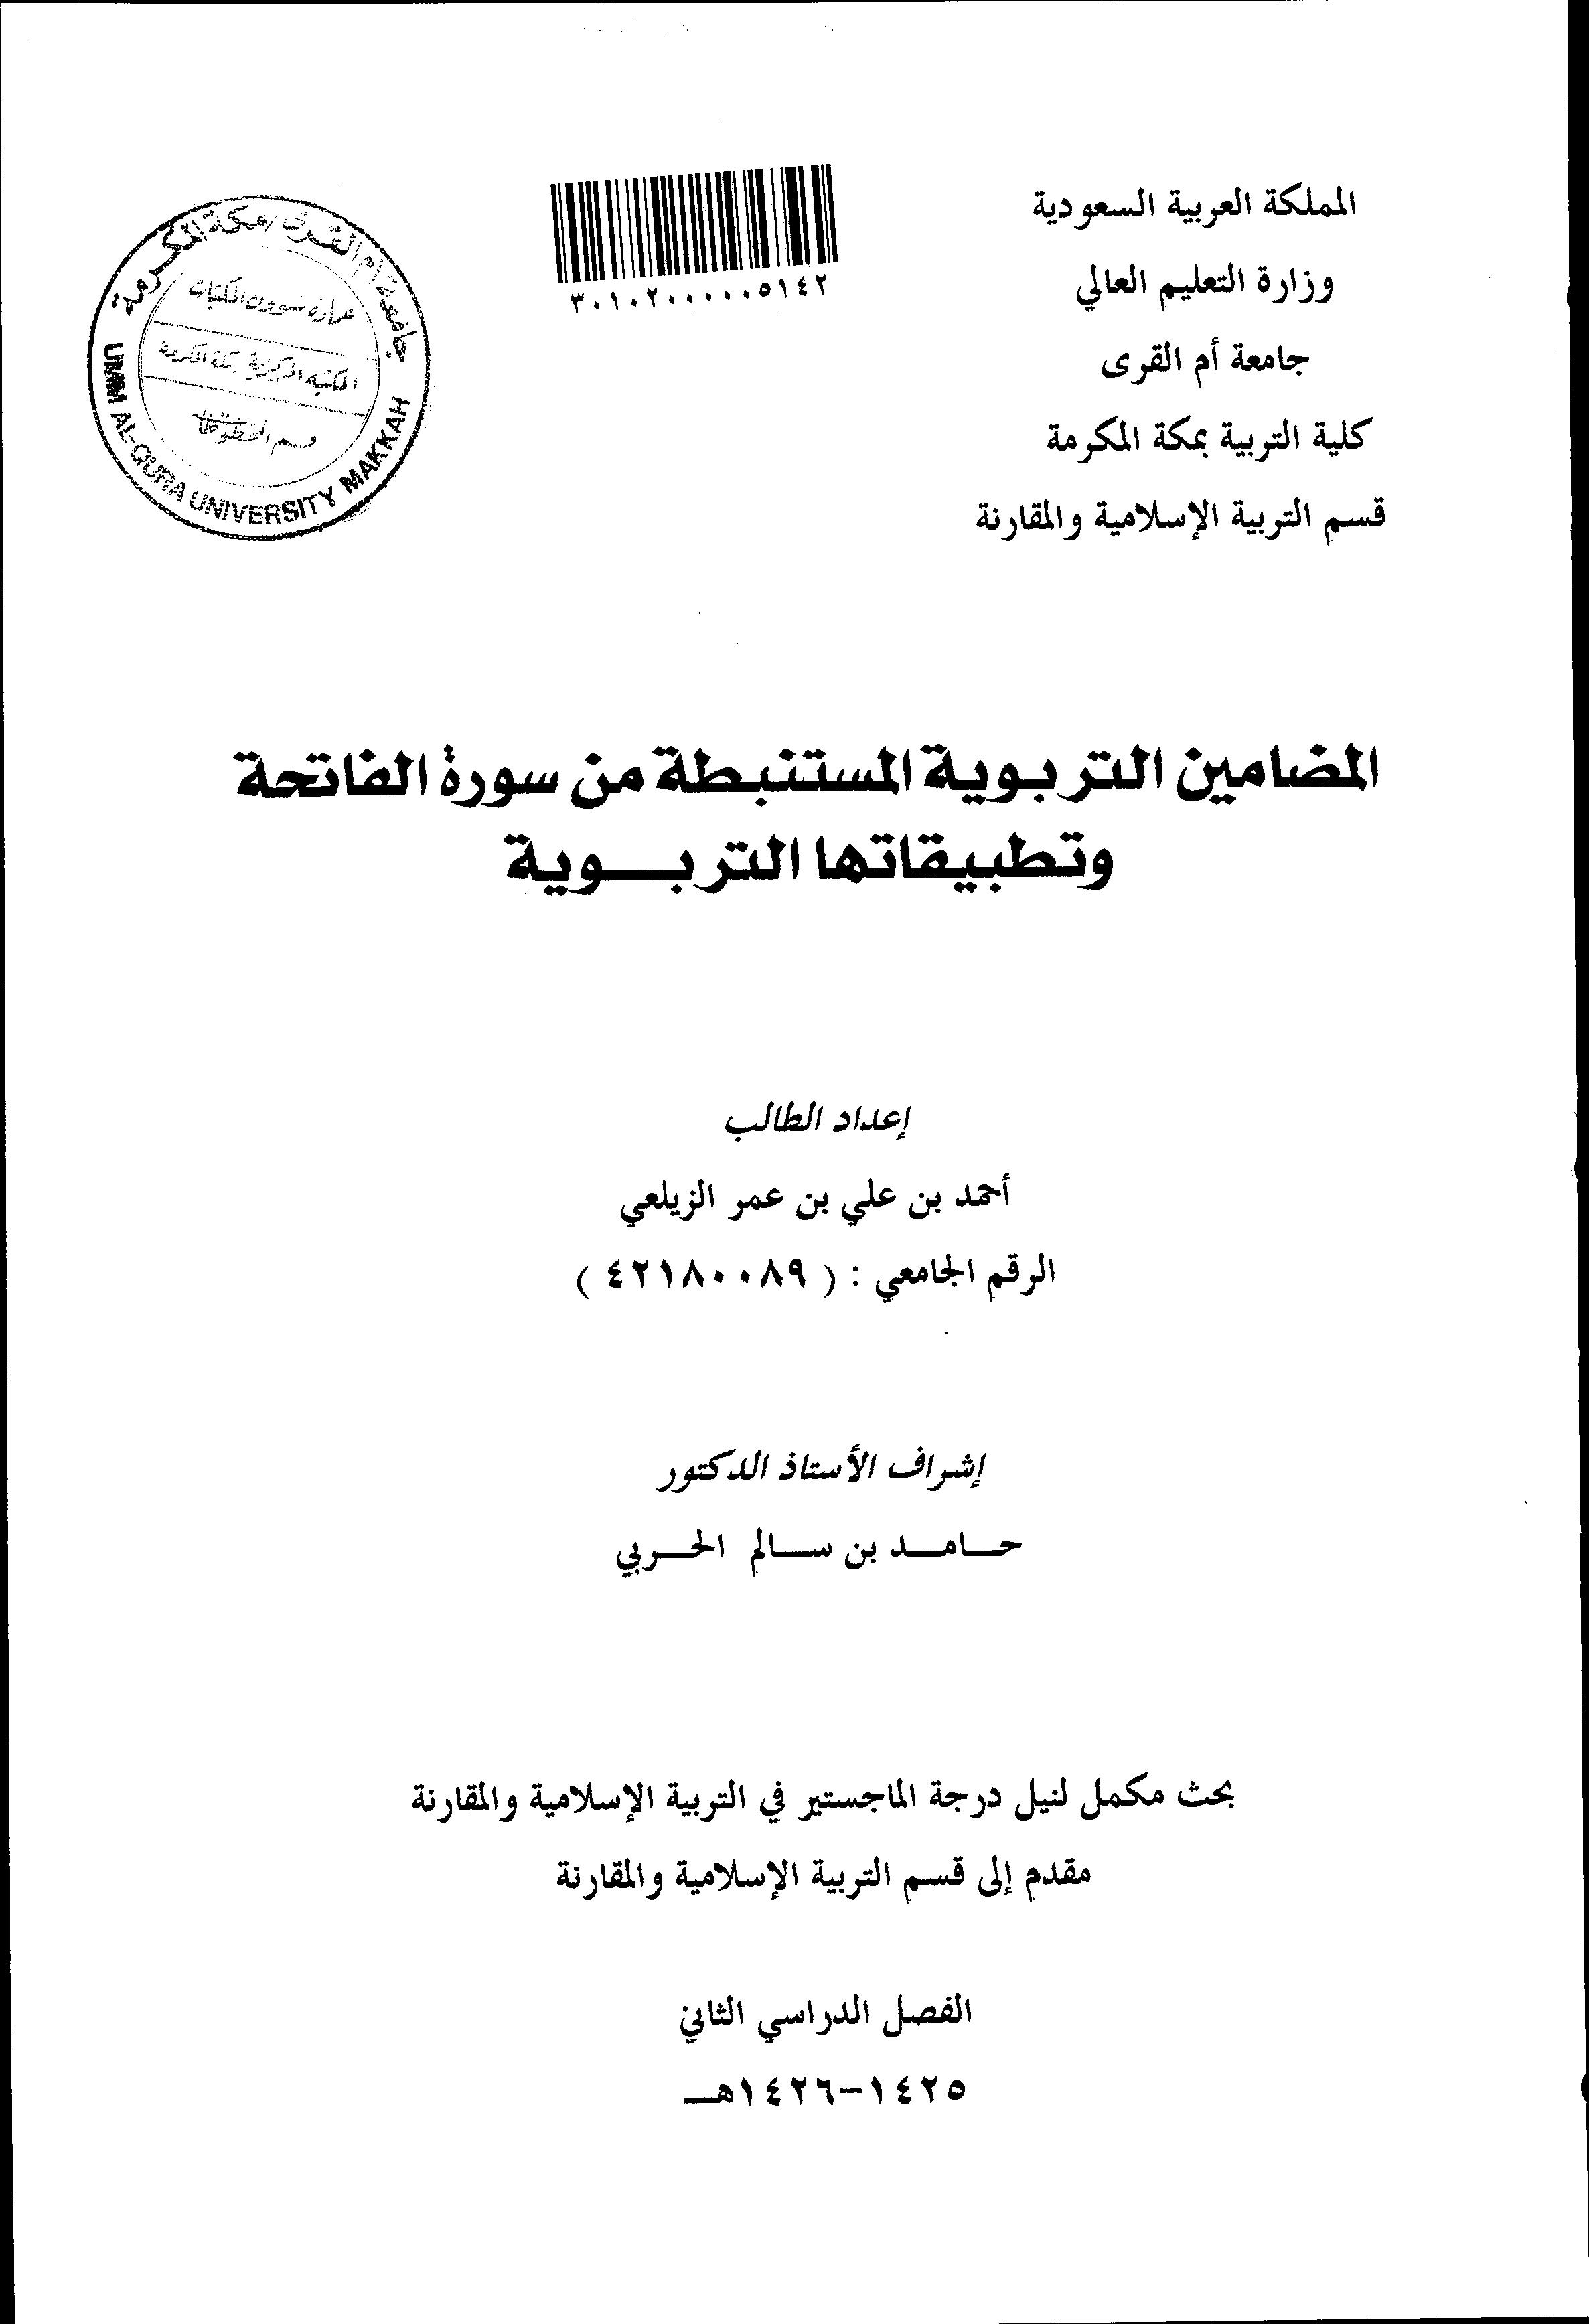 تحميل كتاب المضامين التربوية المستنبطة من سورة الفاتحة وتطبيقاتها التربوية لـِ: أحمد بن علي بن عمر الزيلعي